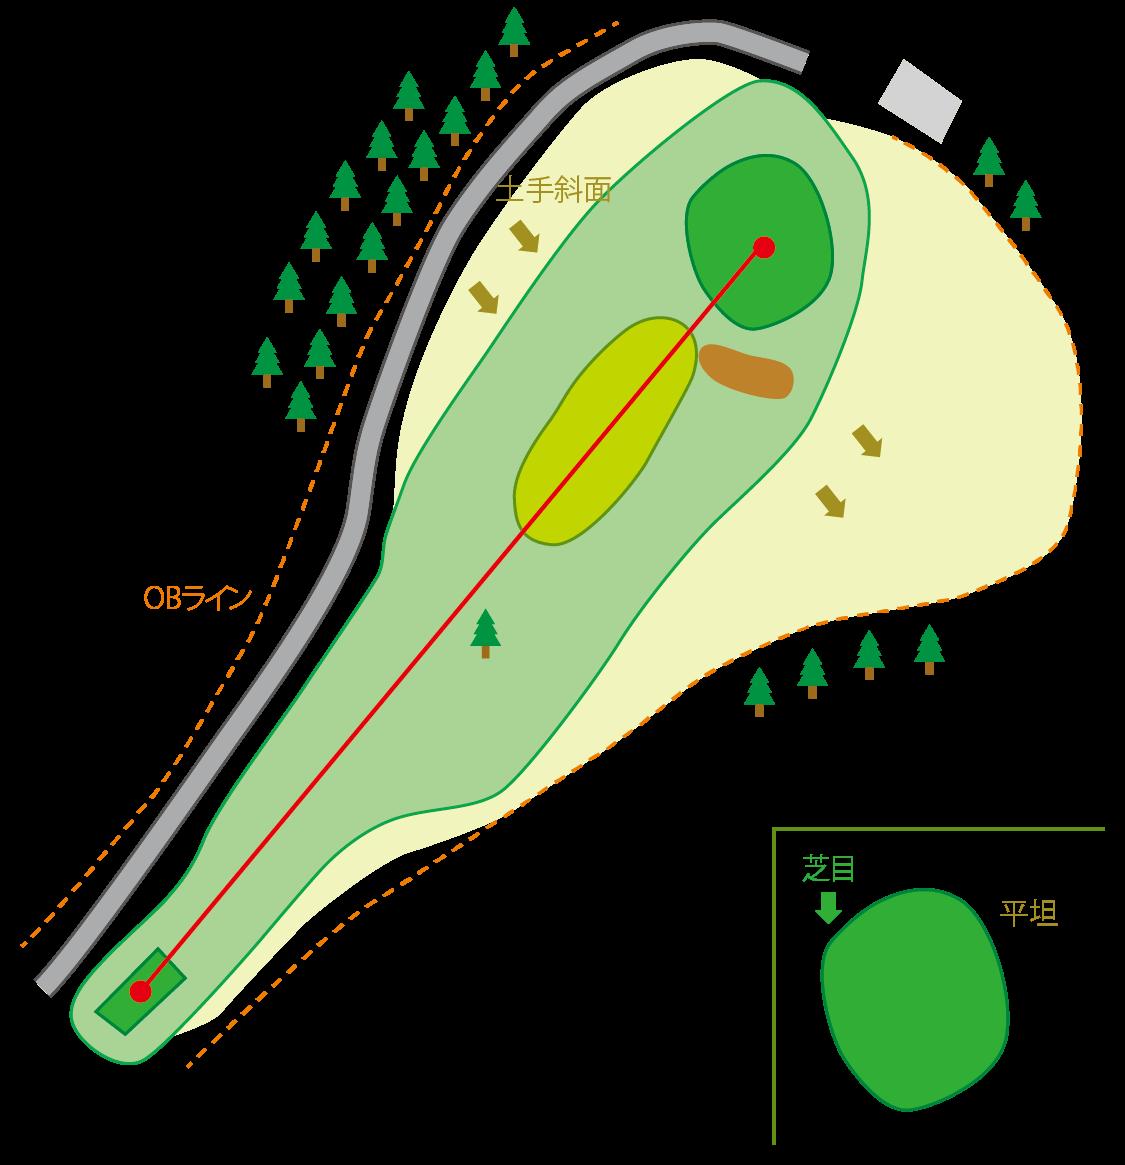 阿賀コース HOLE3のコースマップ